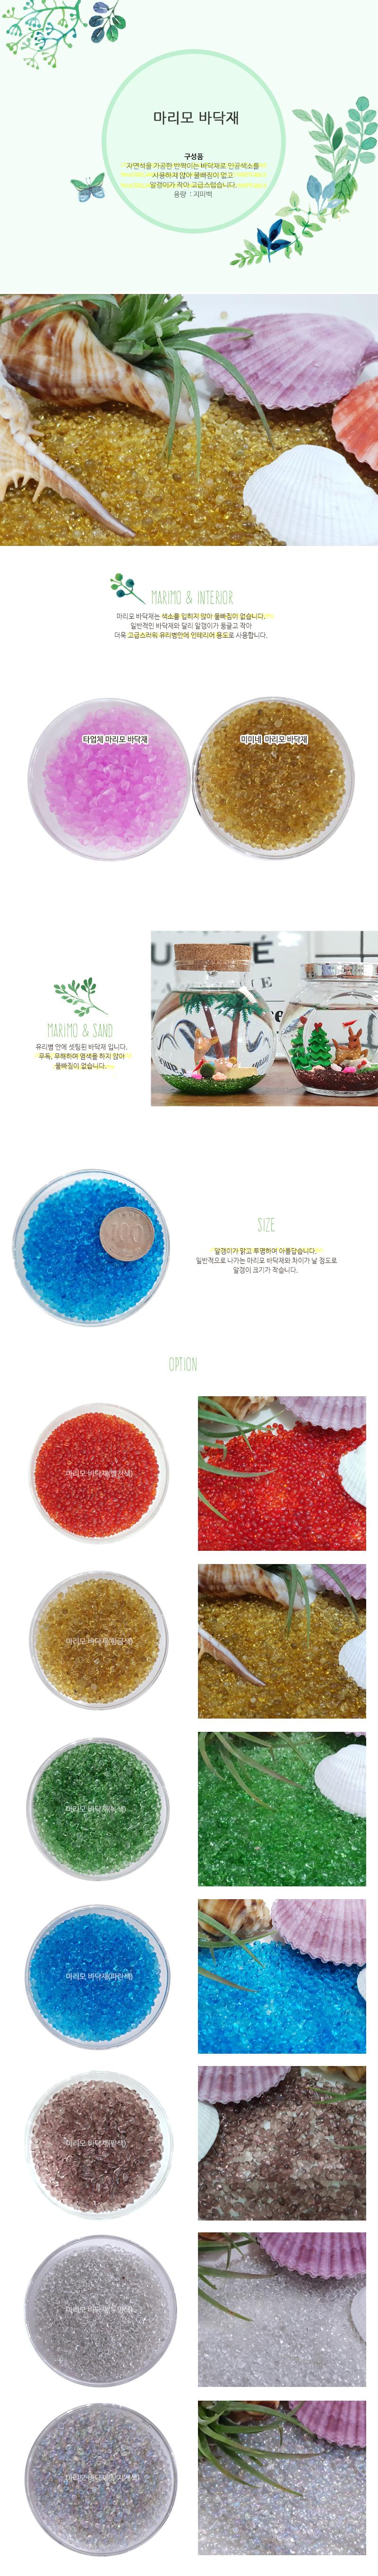 마리모 유리자갈 바닥재 지퍼백 포장/유리구슬 - 미미네아쿠아, 1,000원, 장식품, 바닥재